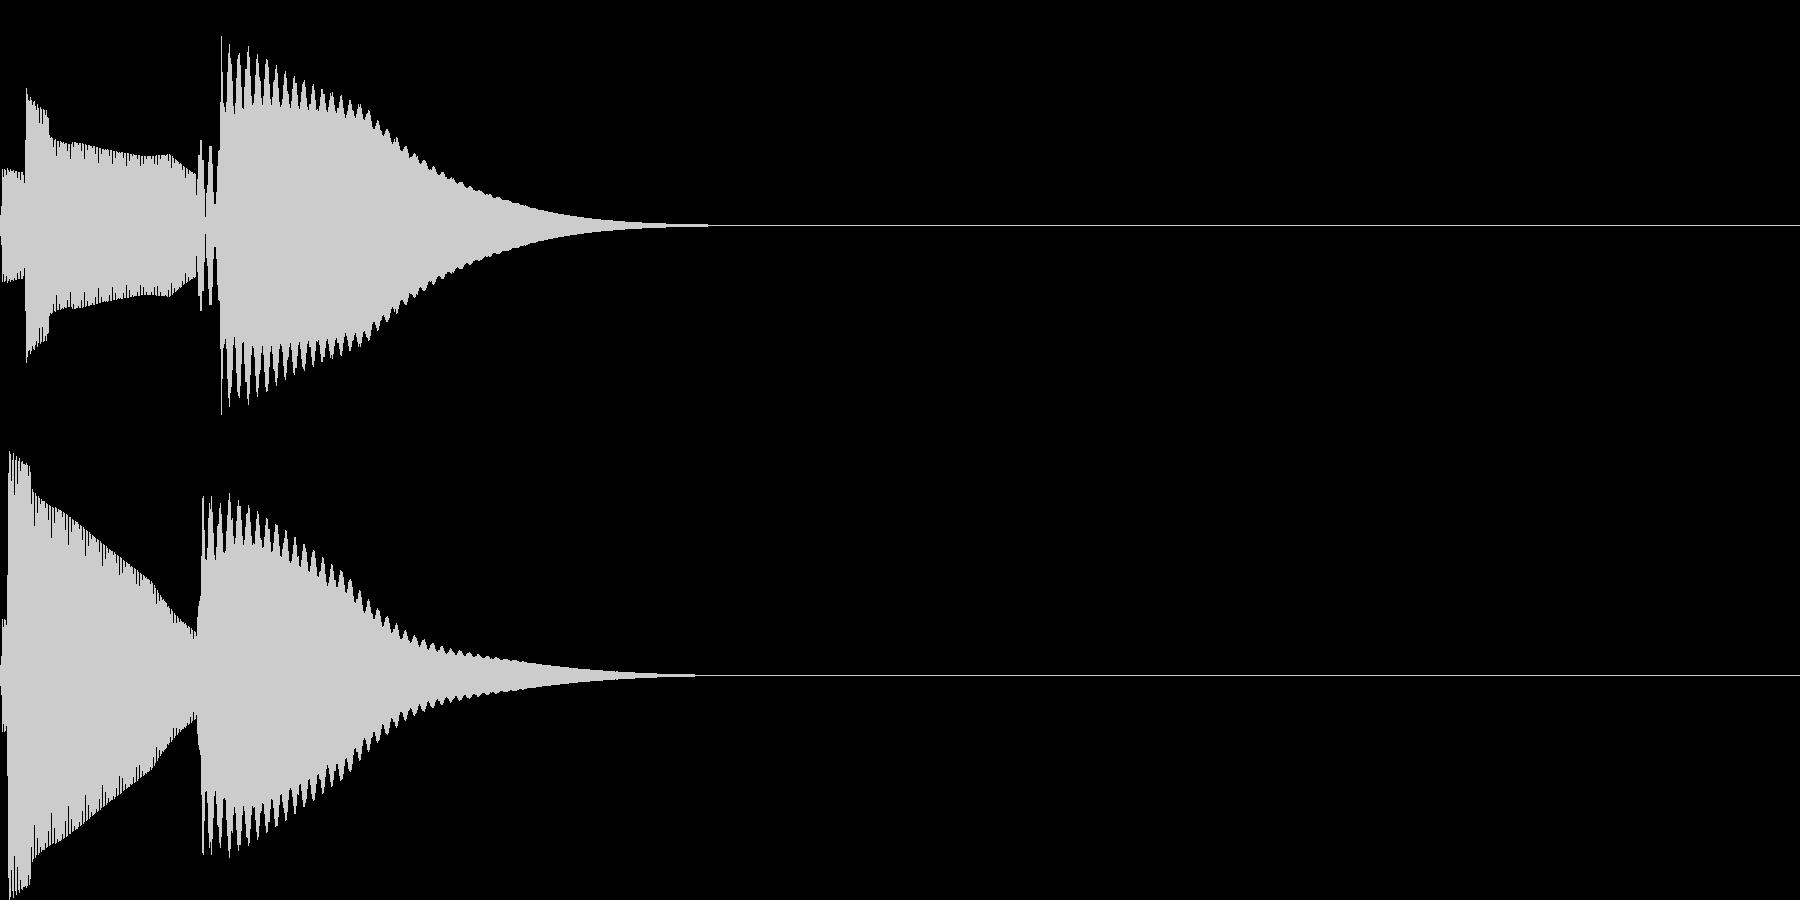 ピコ(電子音_シンプル)の未再生の波形